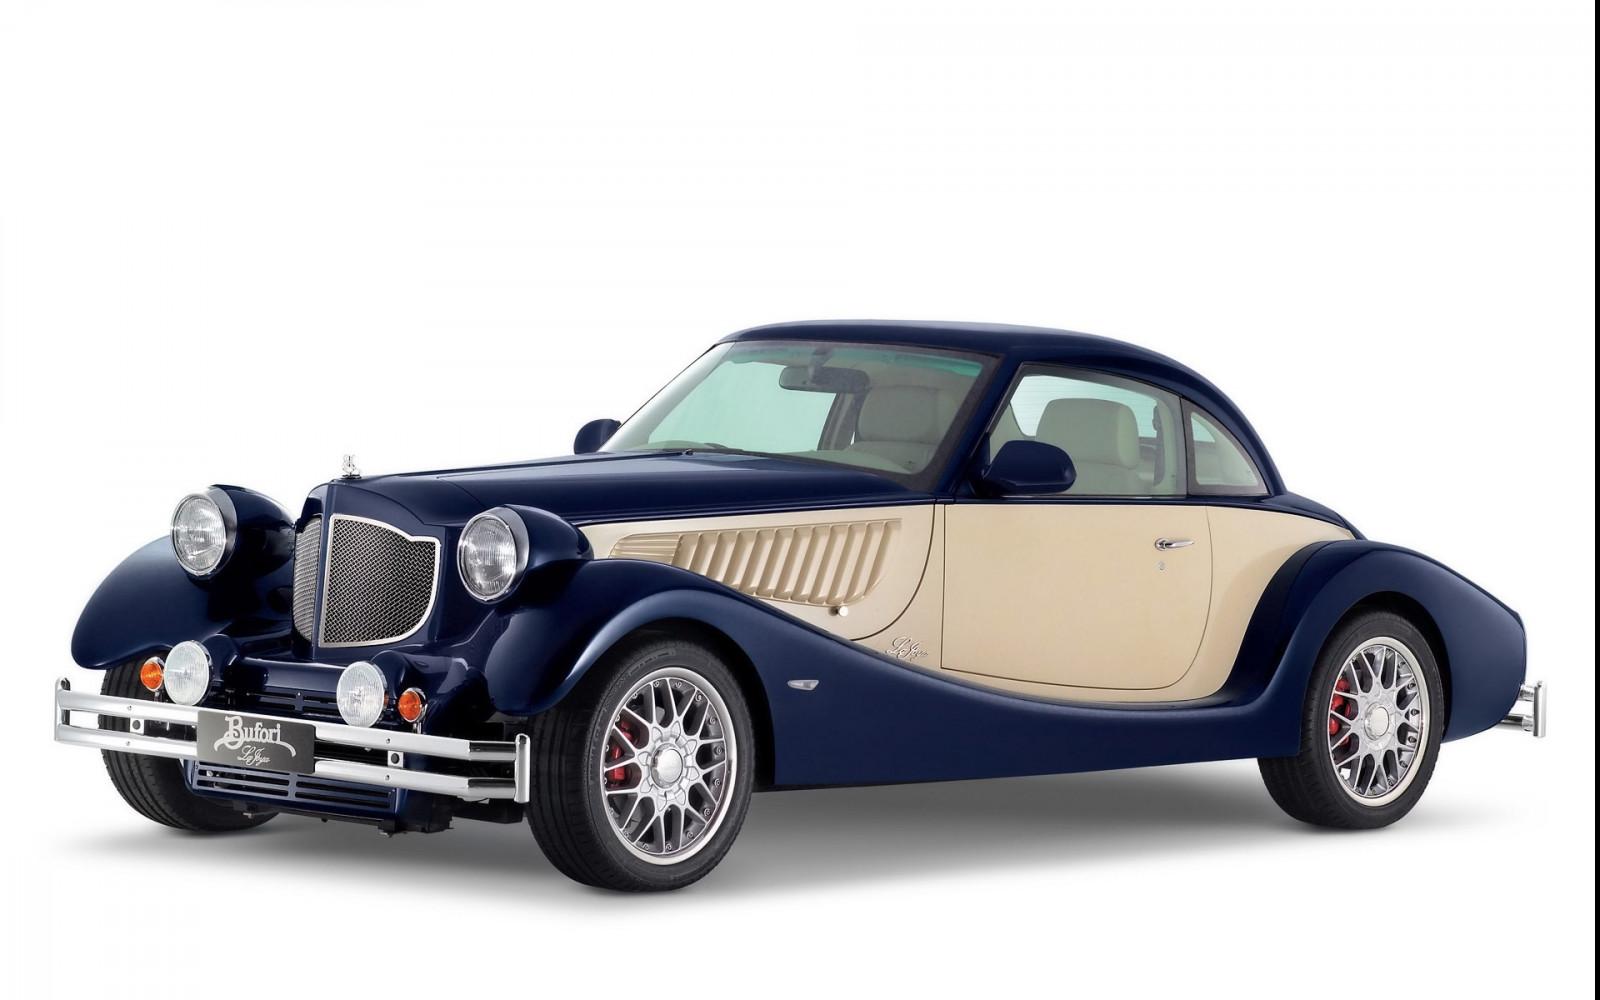 fond d 39 cran v hicule vieille voiture voiture de sport voiture ancienne voiture classique. Black Bedroom Furniture Sets. Home Design Ideas